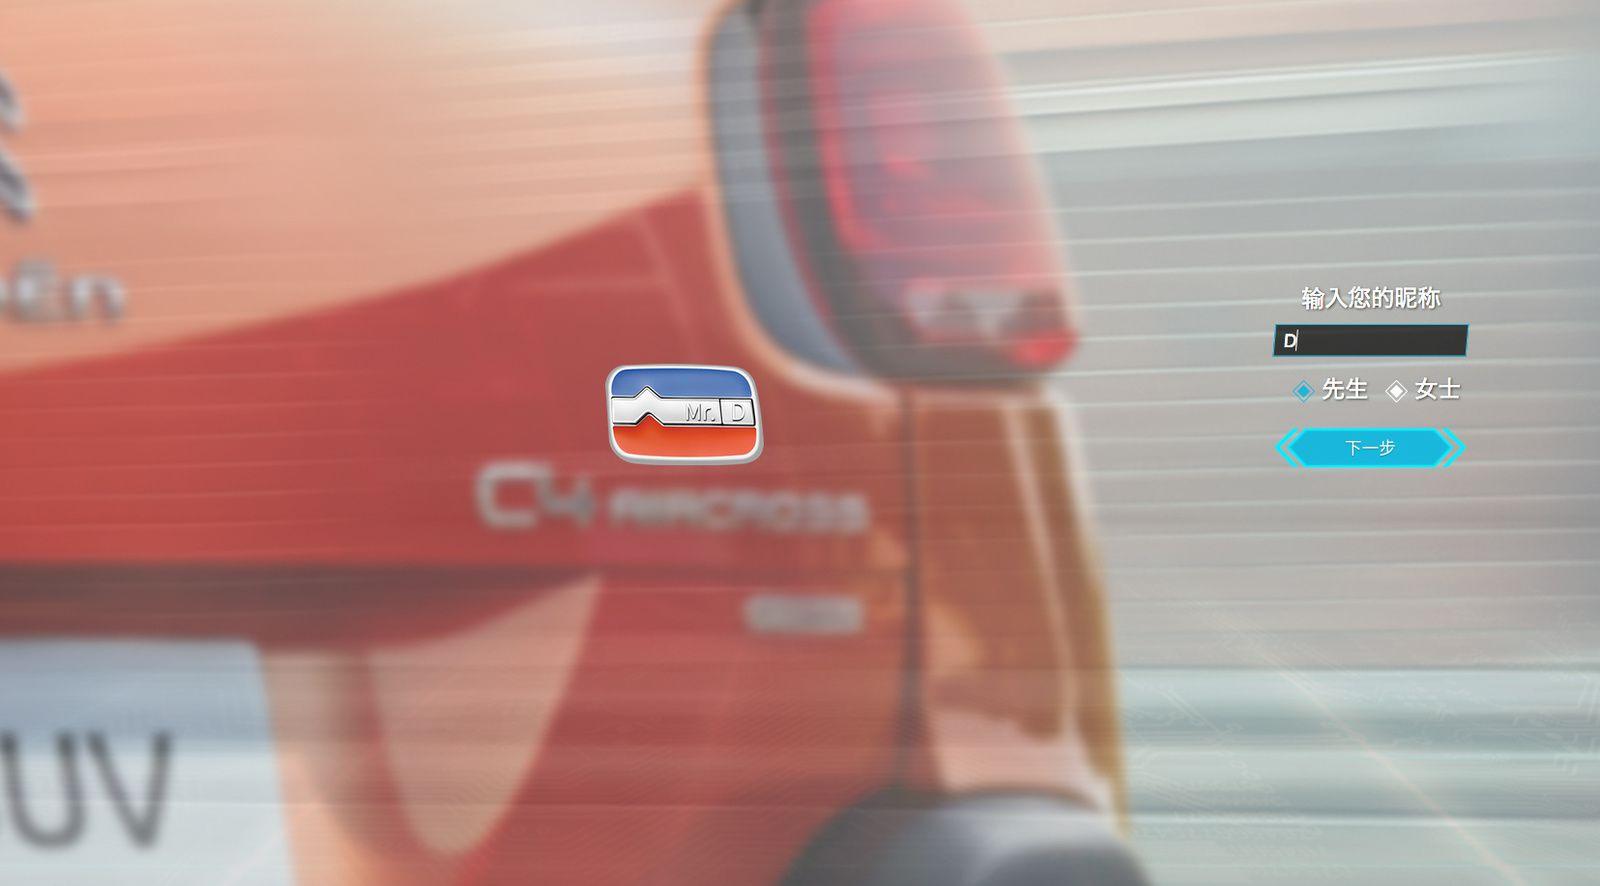 Dongfeng propose de personnaliser l'arrière du C4 Aircross avec ce badge portant l'initiale du propriétaire.